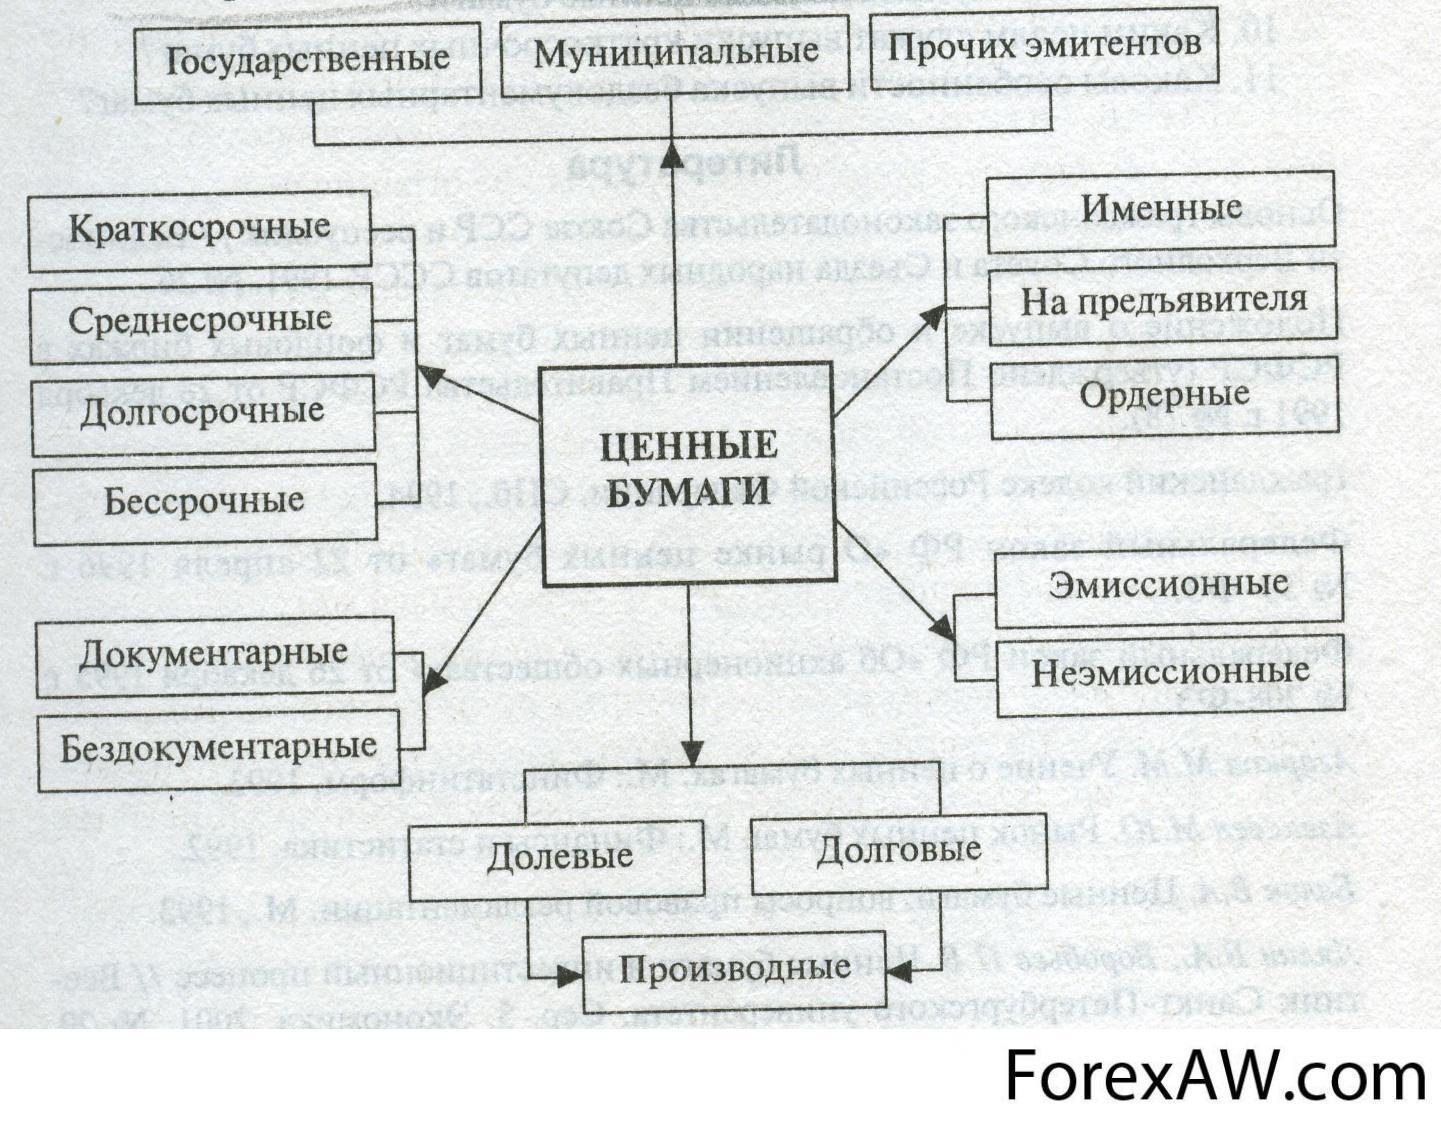 portfólióbefektetés a pénzügyi piacokon